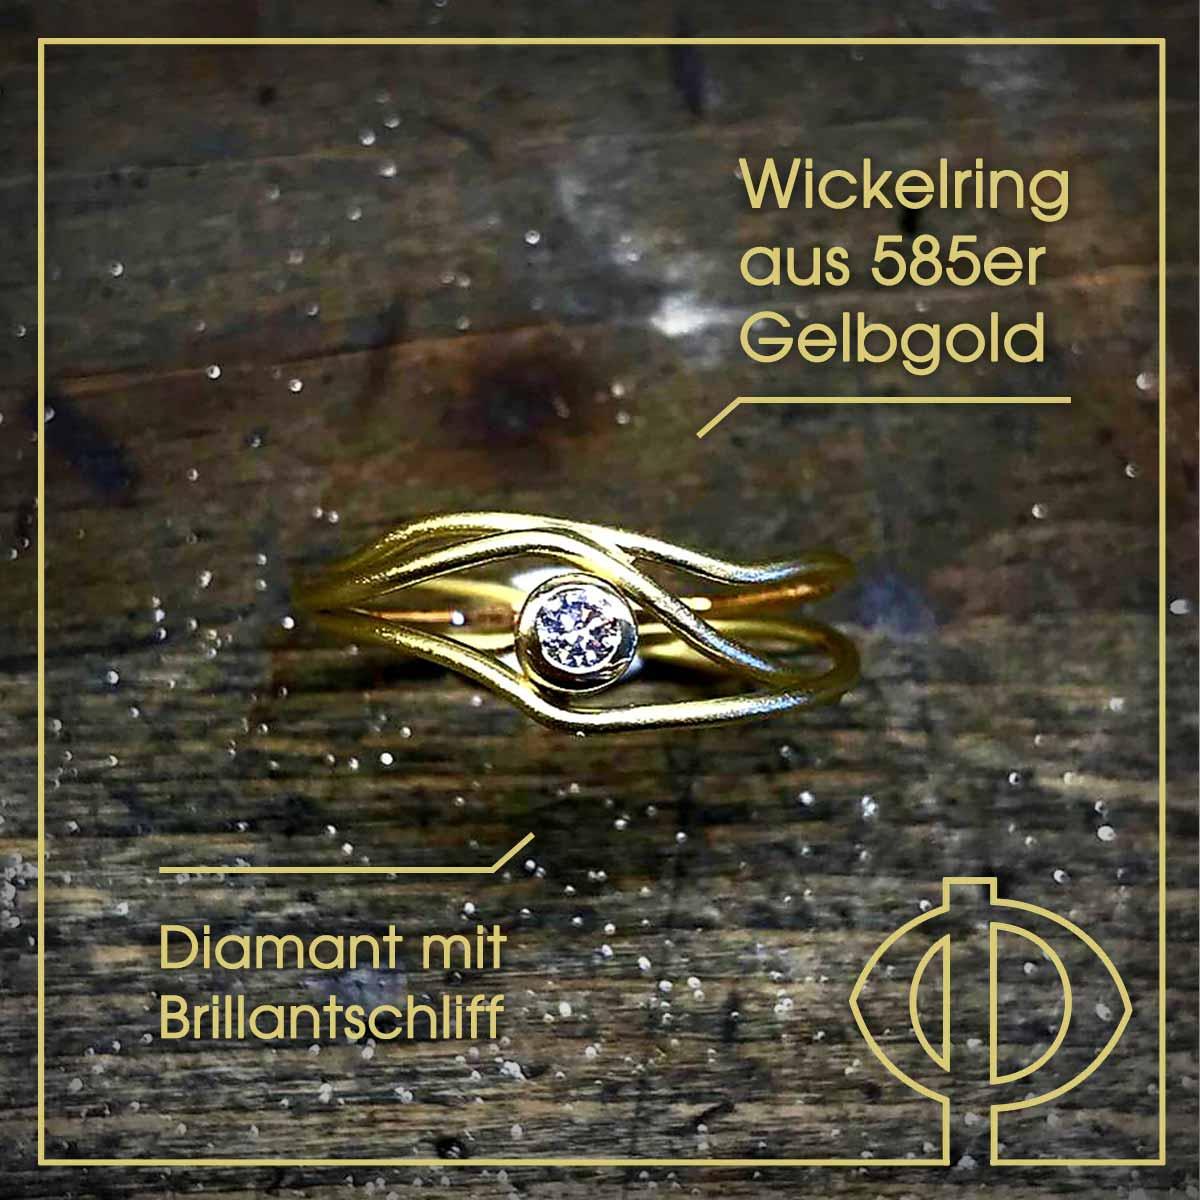 Wickelring aus 585er Gelbgold mit Diamant in Brillantschliff